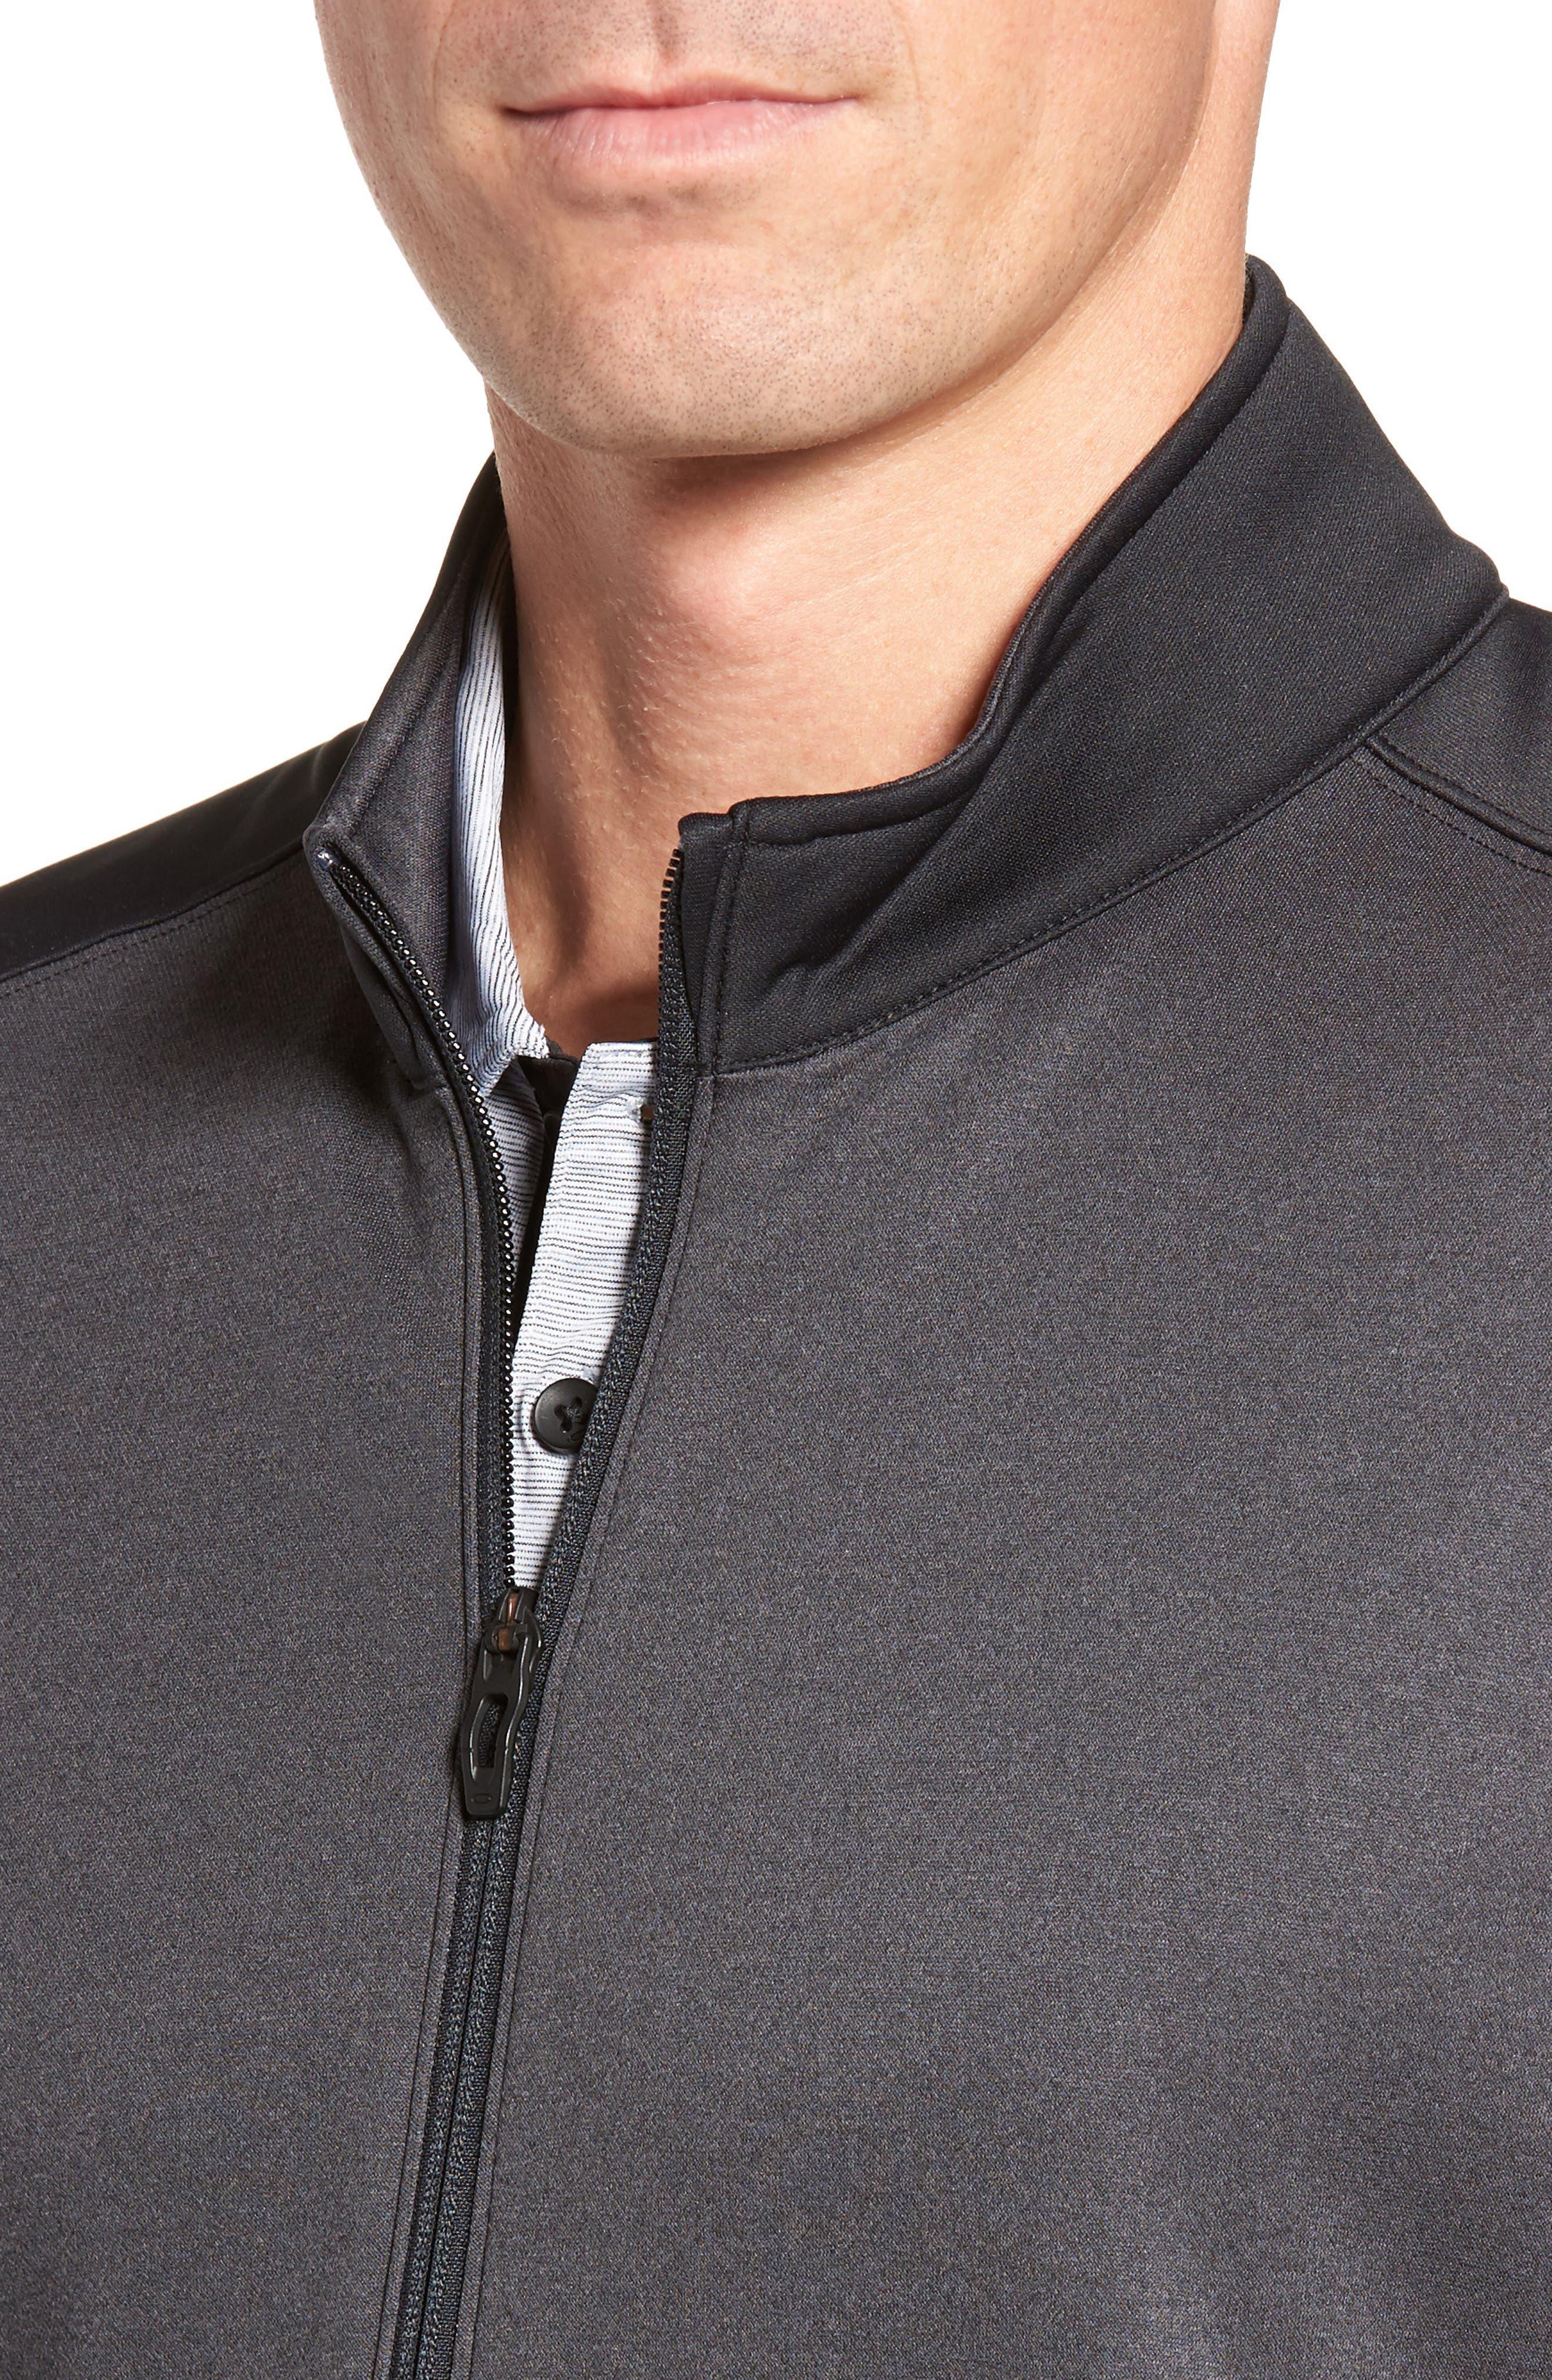 Range Vest,                             Alternate thumbnail 4, color,                             Blackout